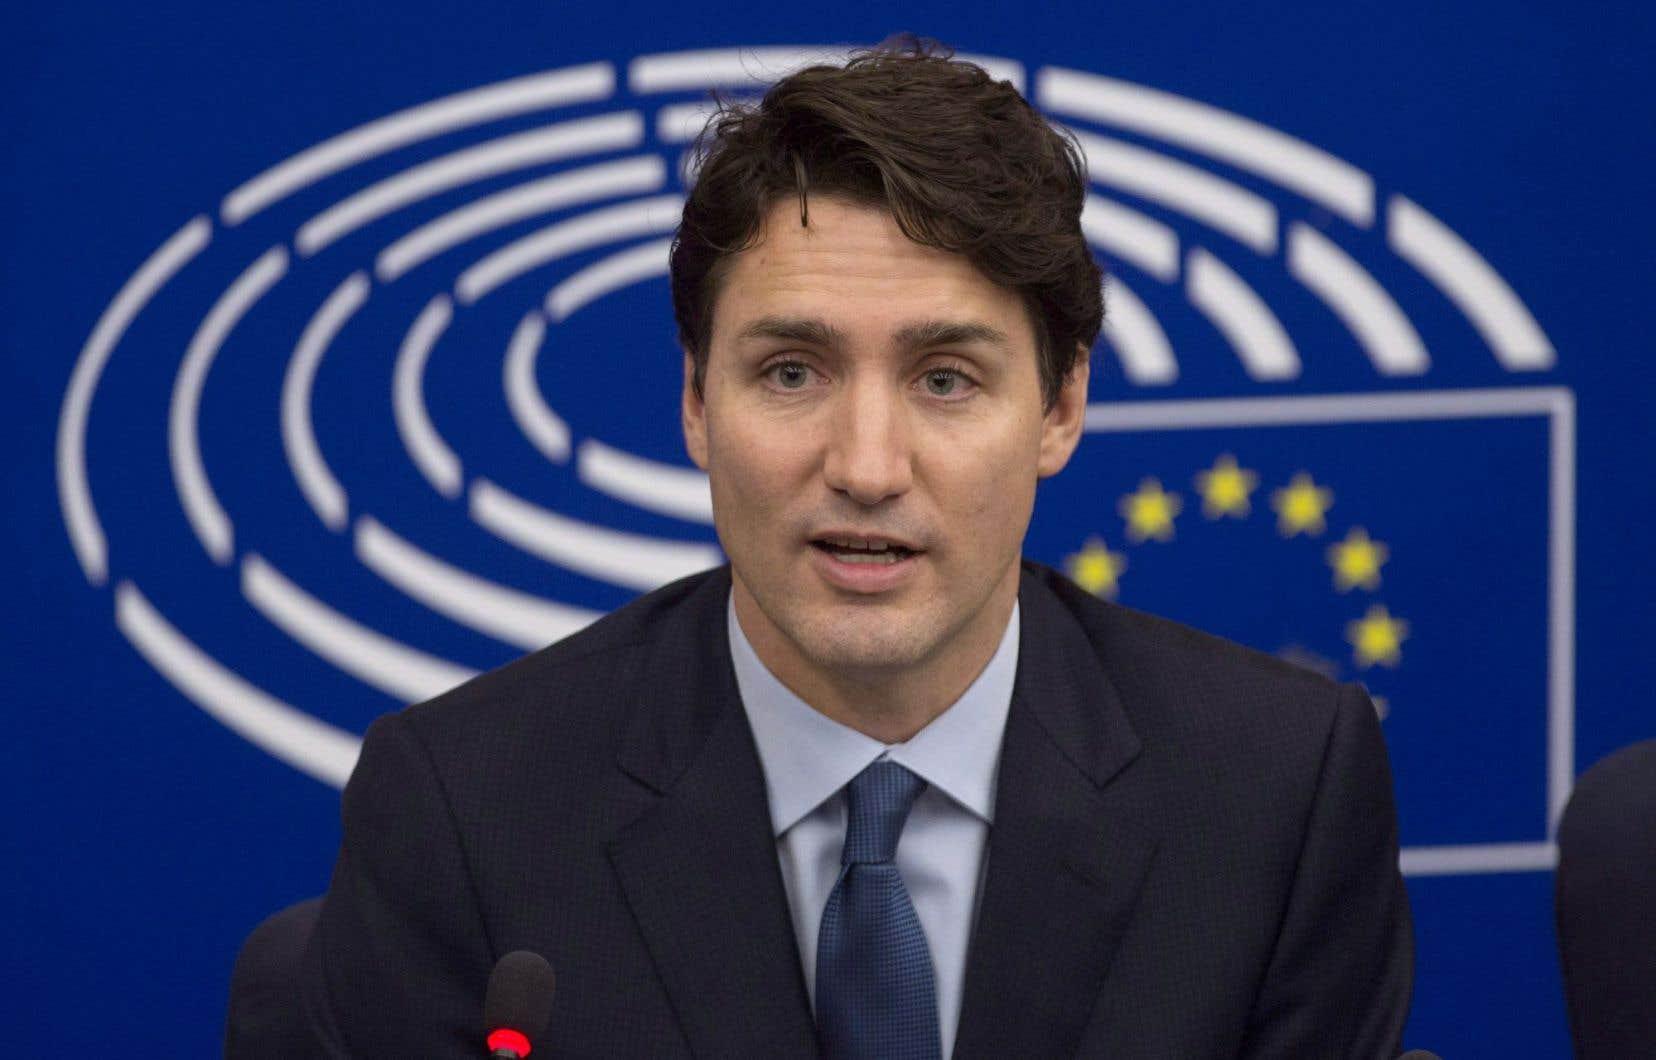 Le Premier ministre Justin Trudeau répond à une question lors d'une conférence de presse conjointe avec le président du Parlement européen, Antonio Tajani.